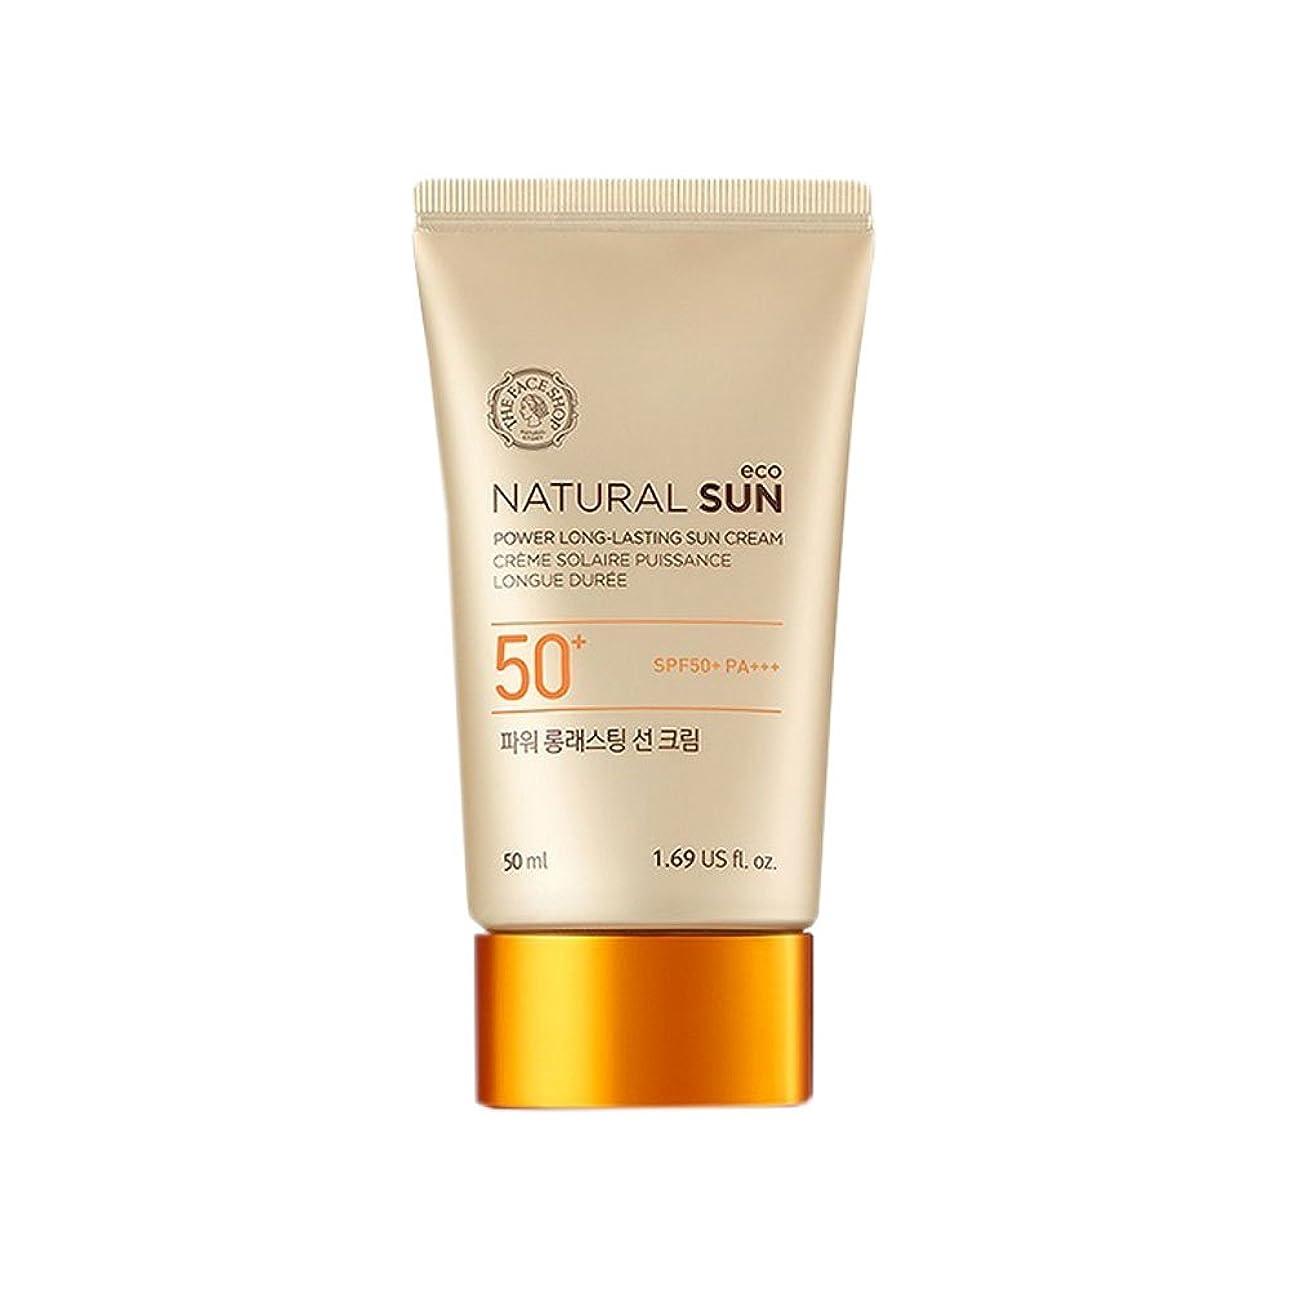 シールスリチンモイカメラ[ザ?フェイスショップ] The Face Shop ナチュラルサン エコ パワー ロングラスティング サン クリーム SPF50+PA+++50ml The Face Shop Natural Sun Eco Power Long-Lasting Sun SPF50+PA+++50ml [海外直送品]